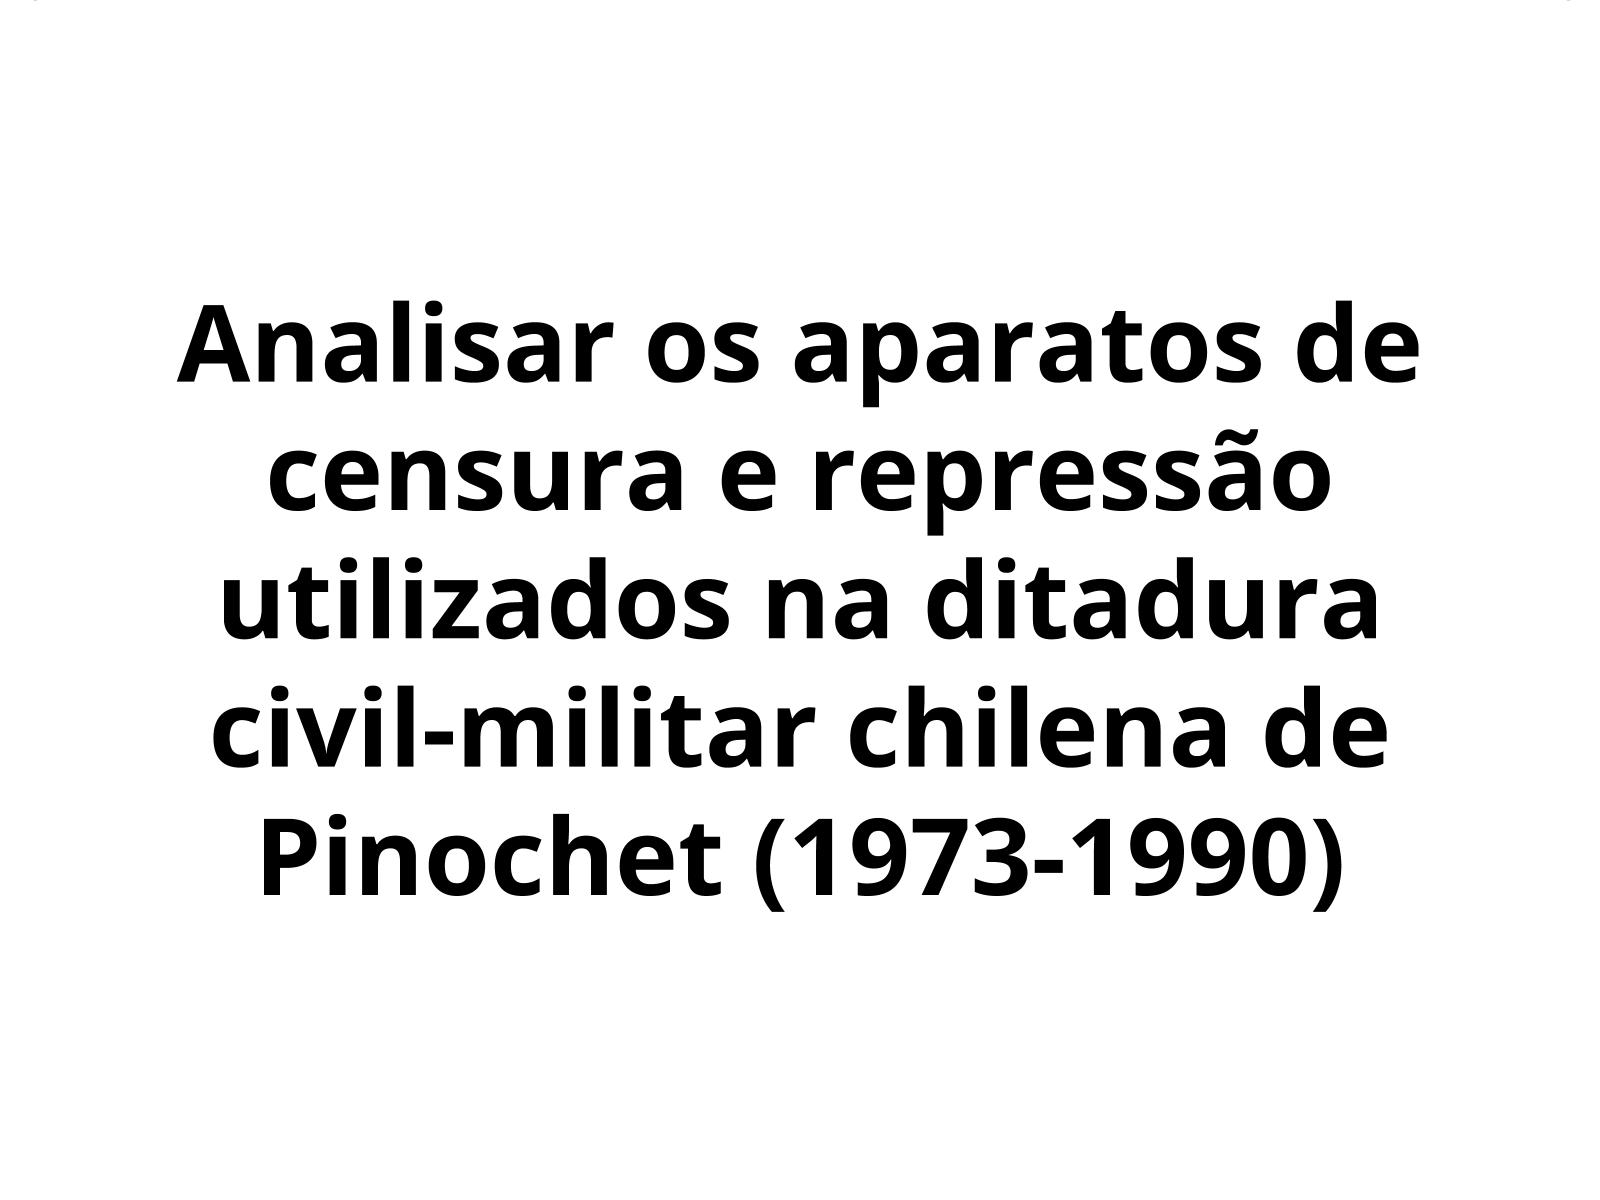 Censura e repressão na ditadura chilena de Pinochet (1973-1990)